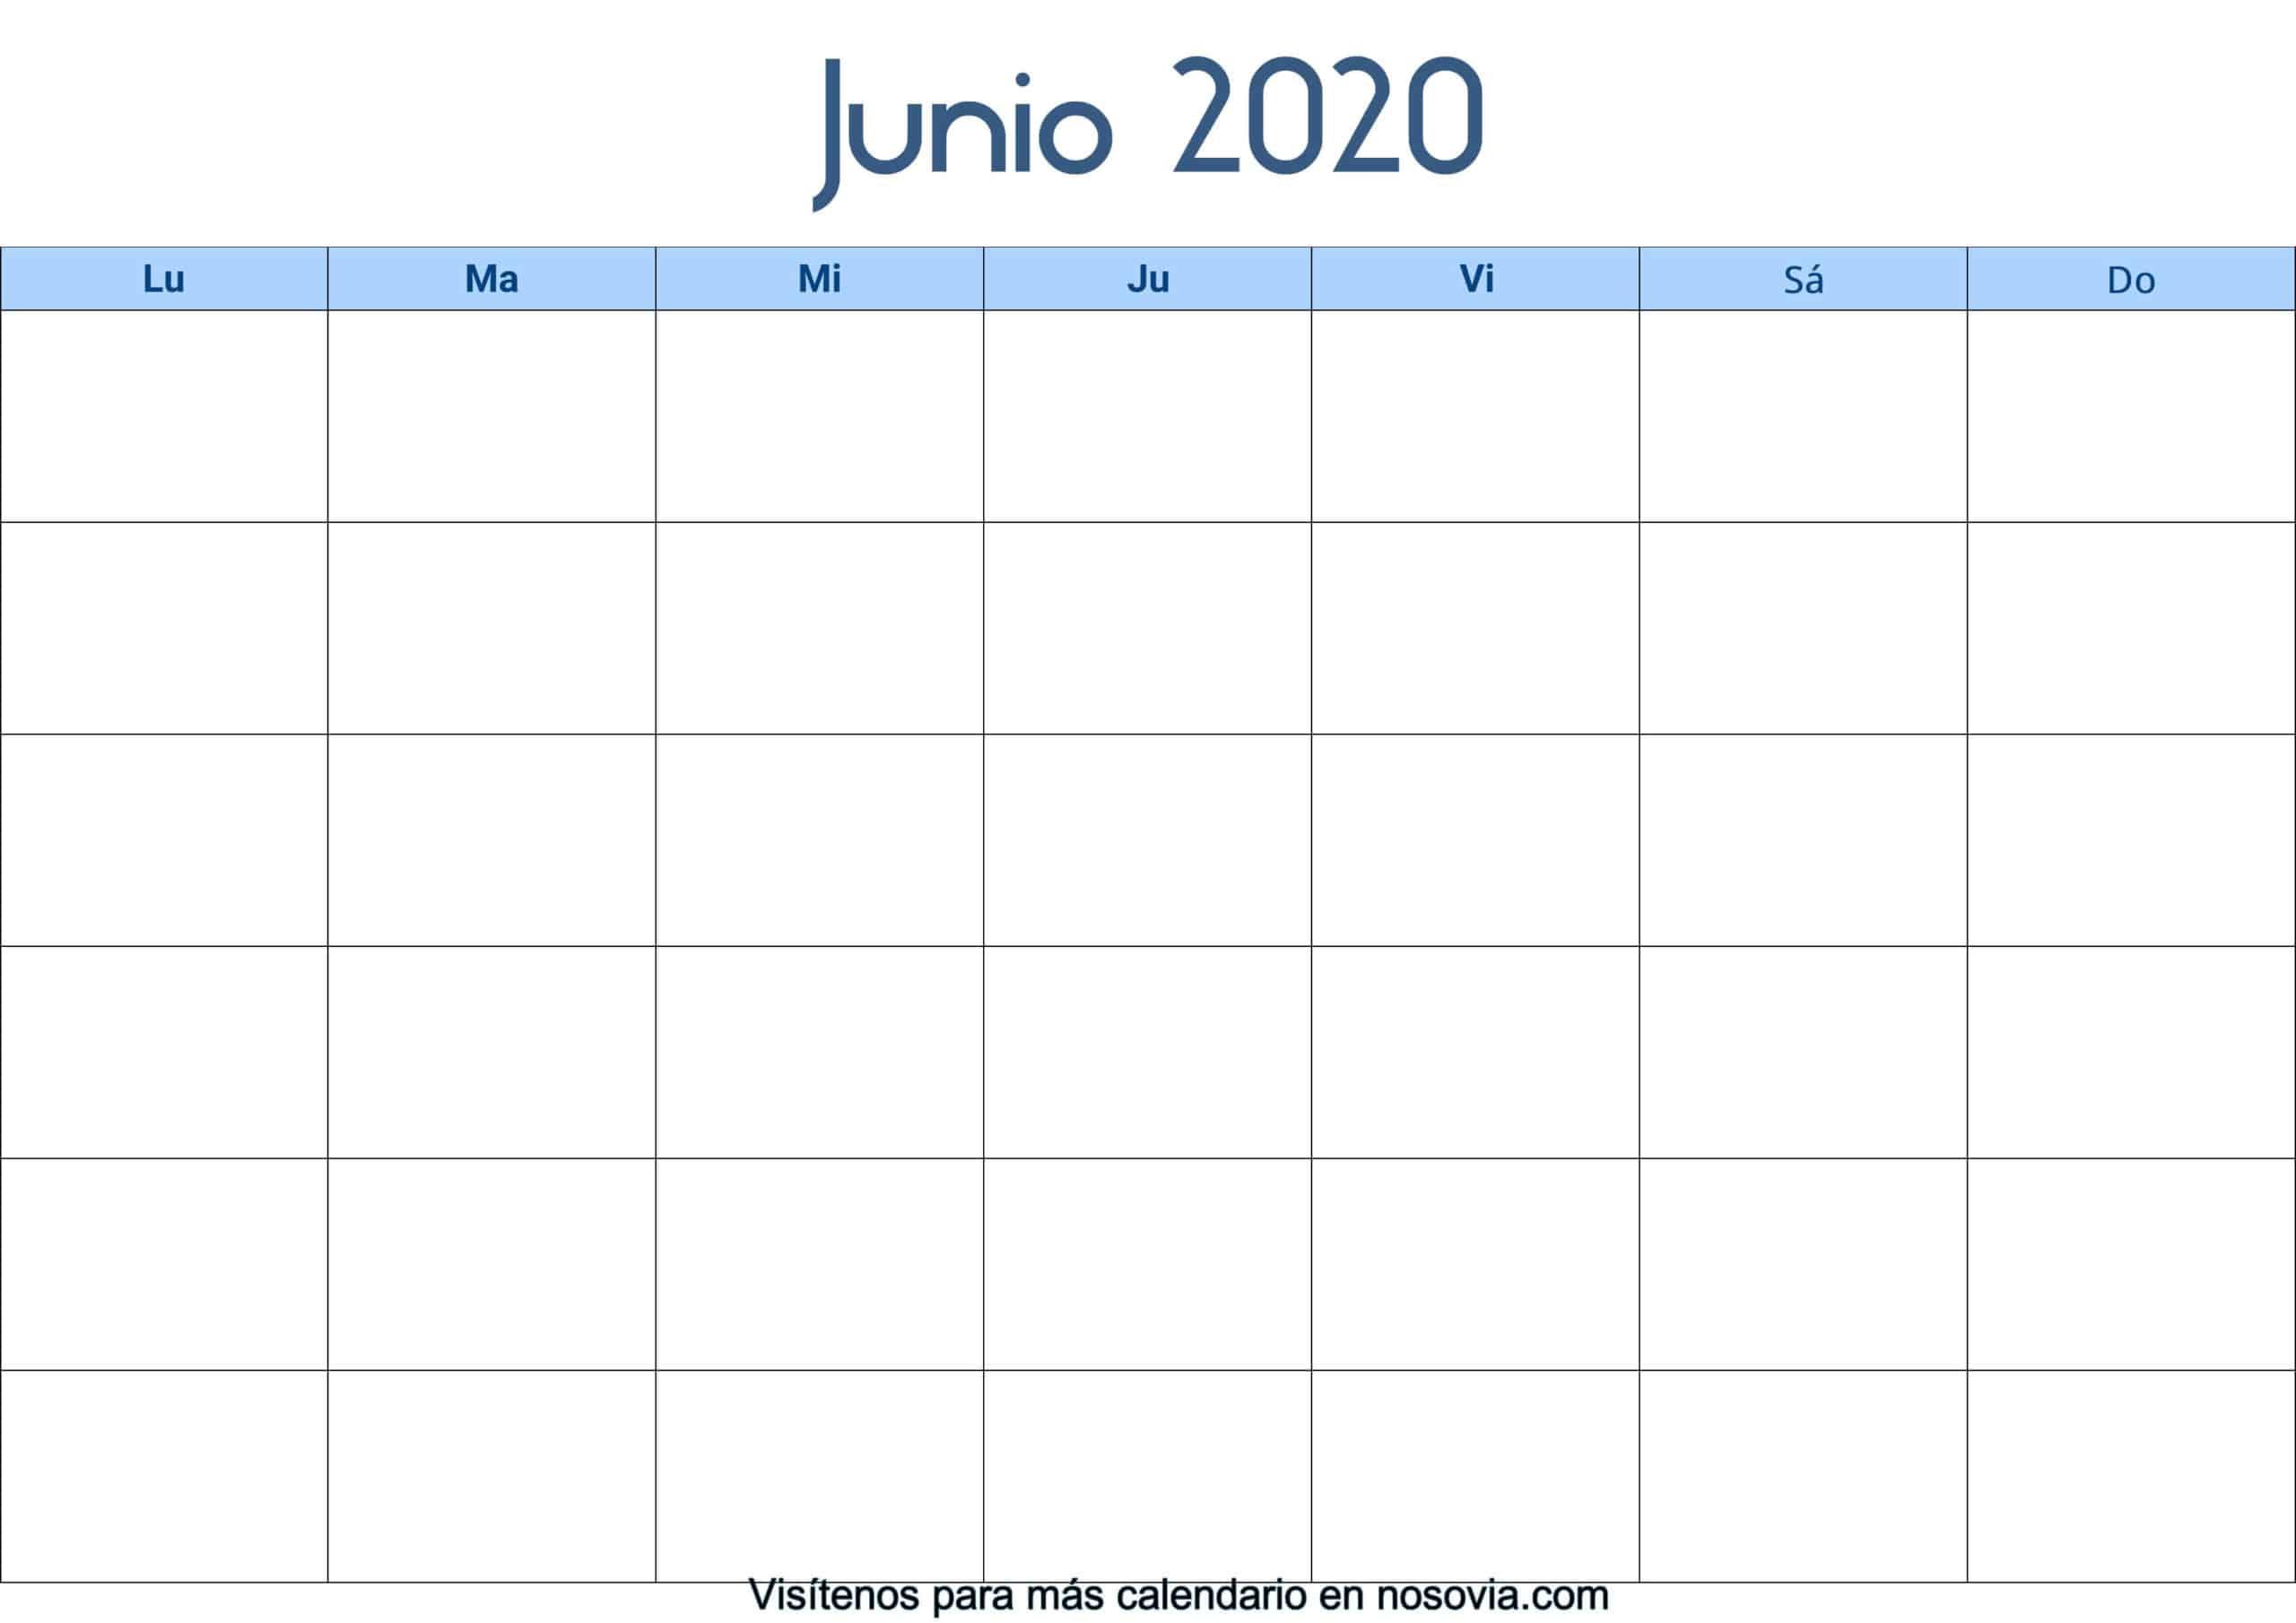 Calendario-junio-2020-en-blanco-Palabra-gratis